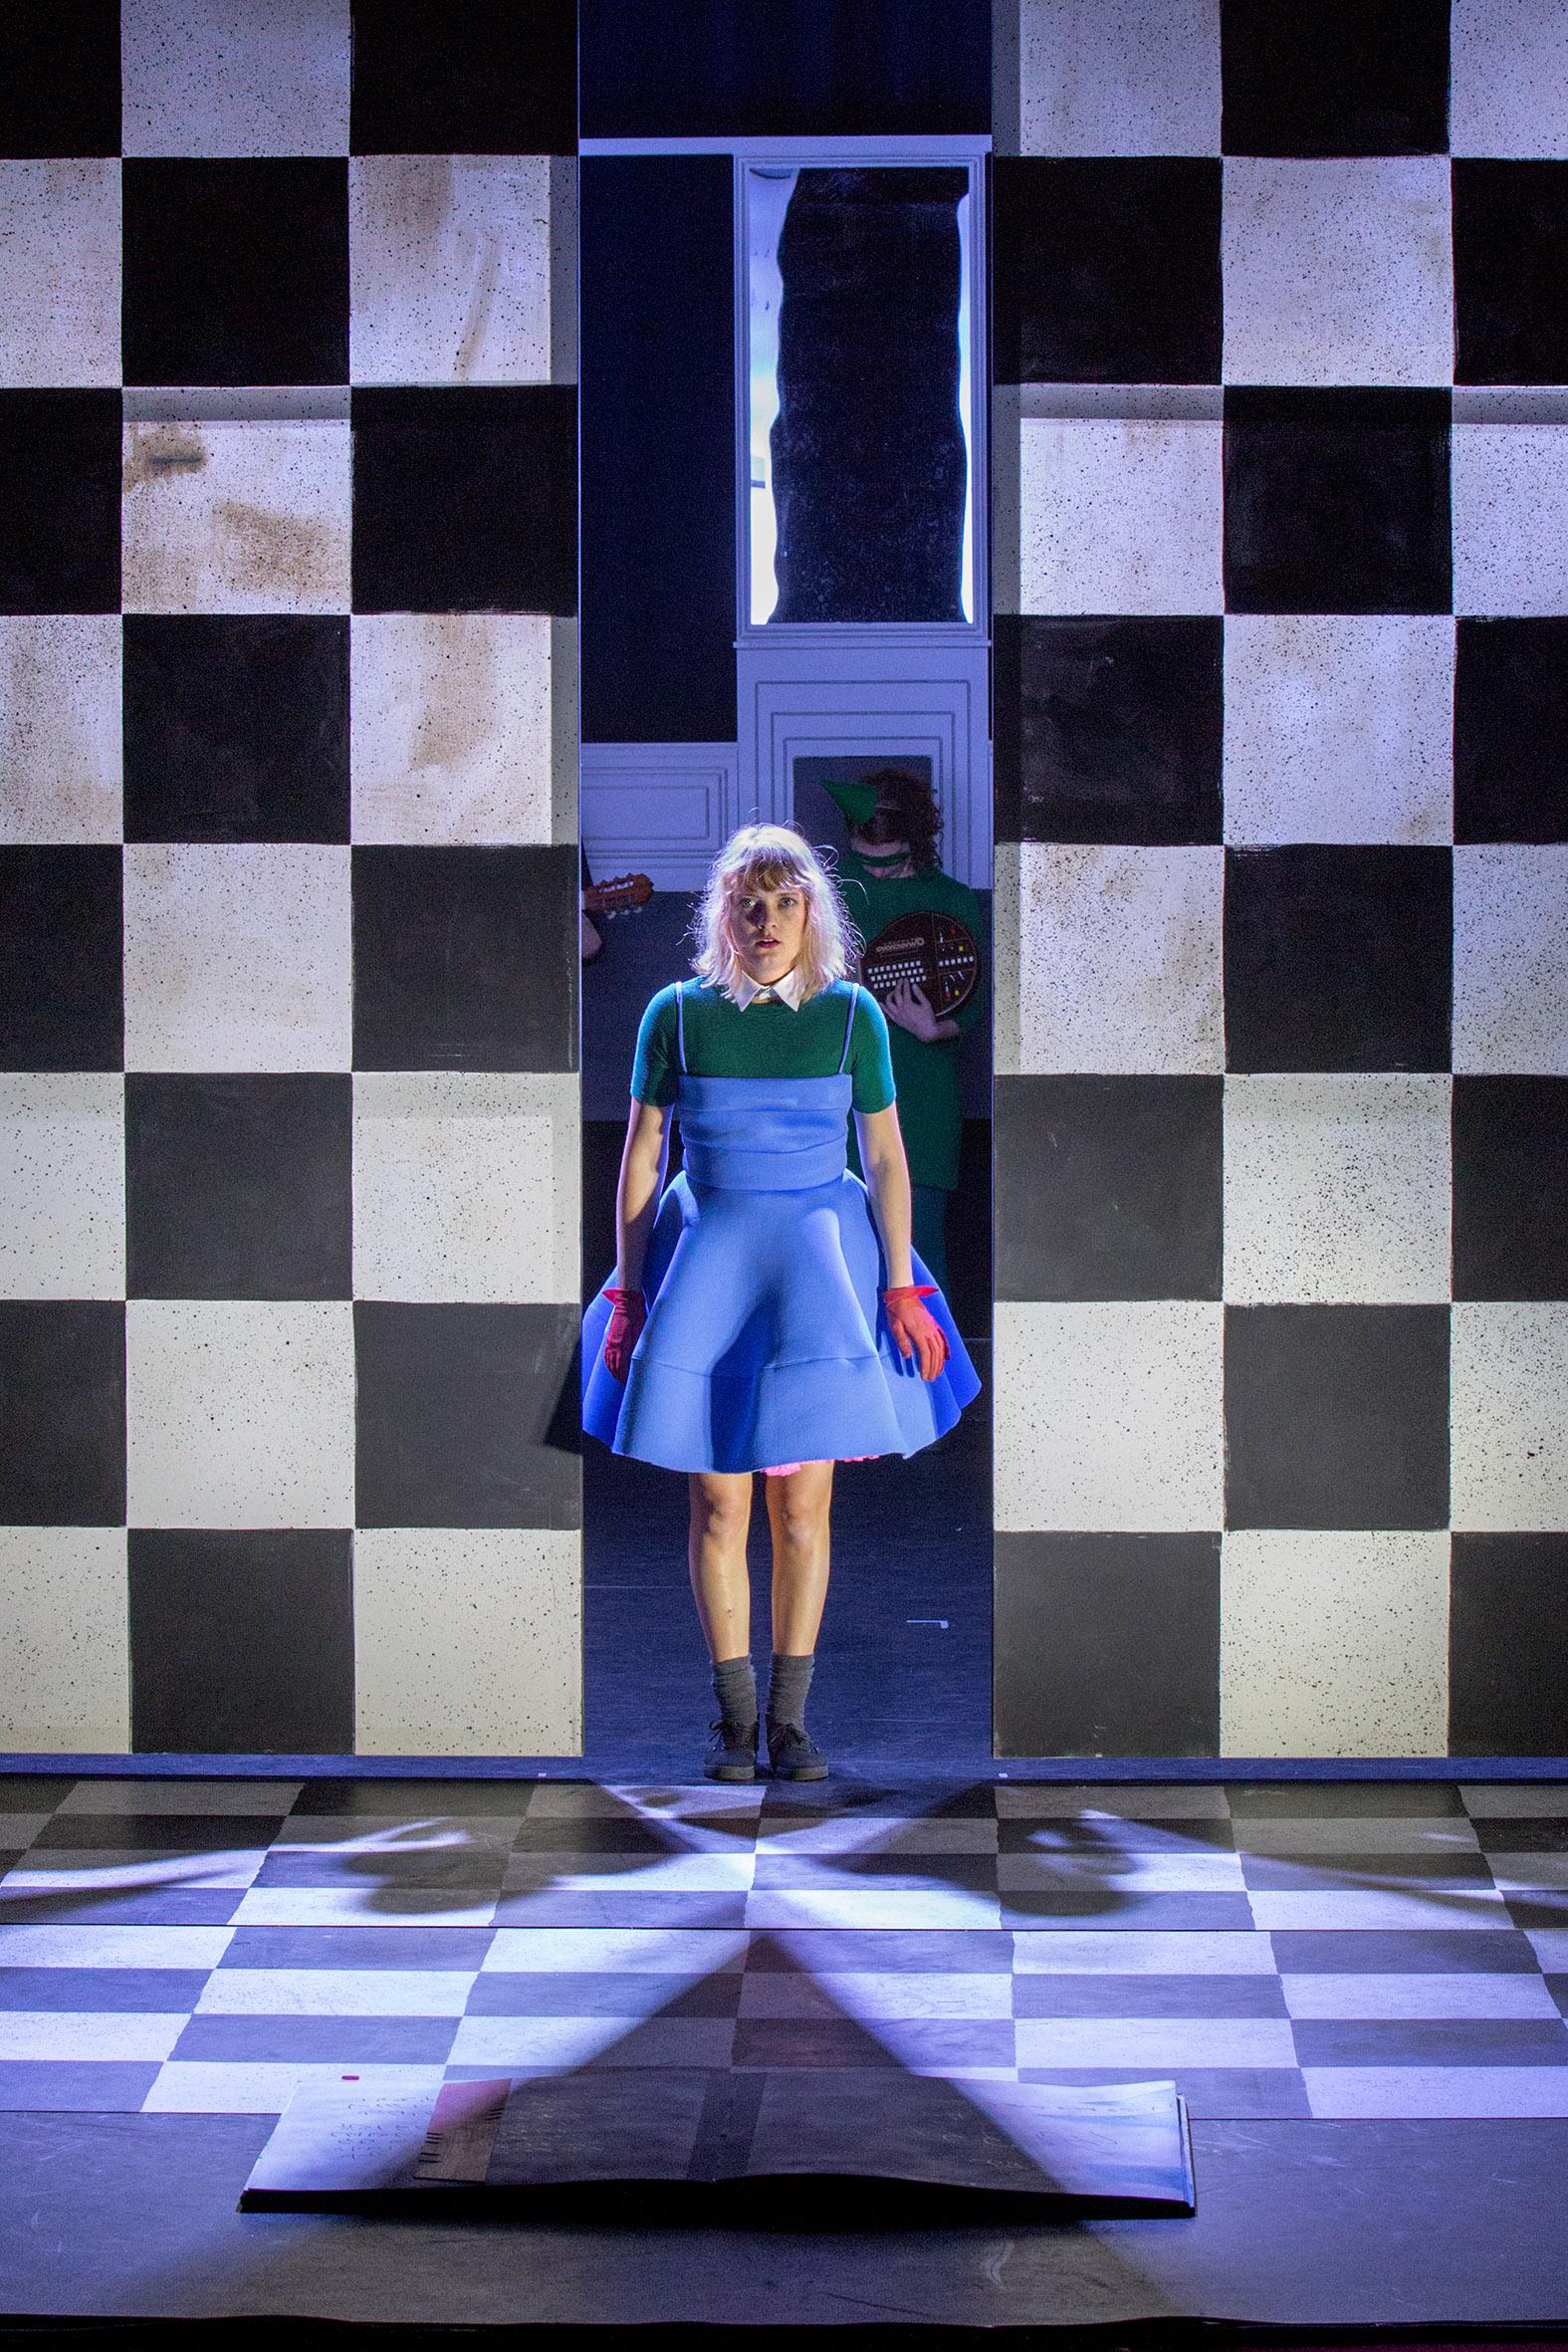 Alice in wonderland_Maastheater